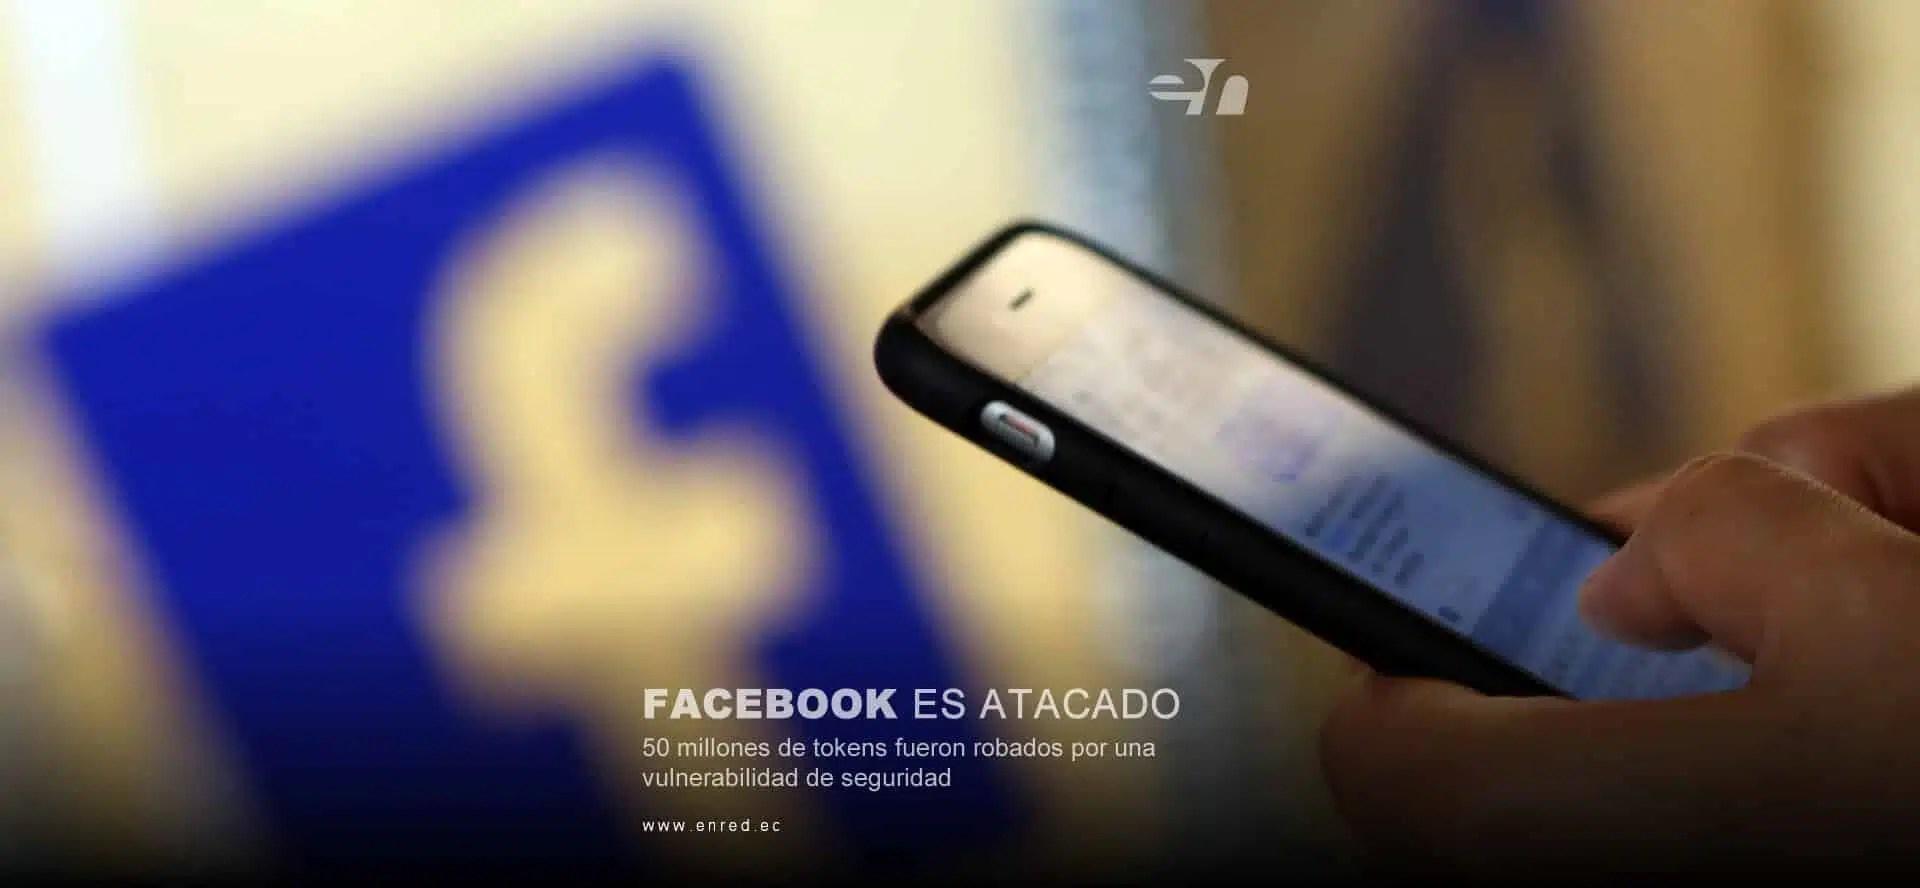 Facebook es atacado